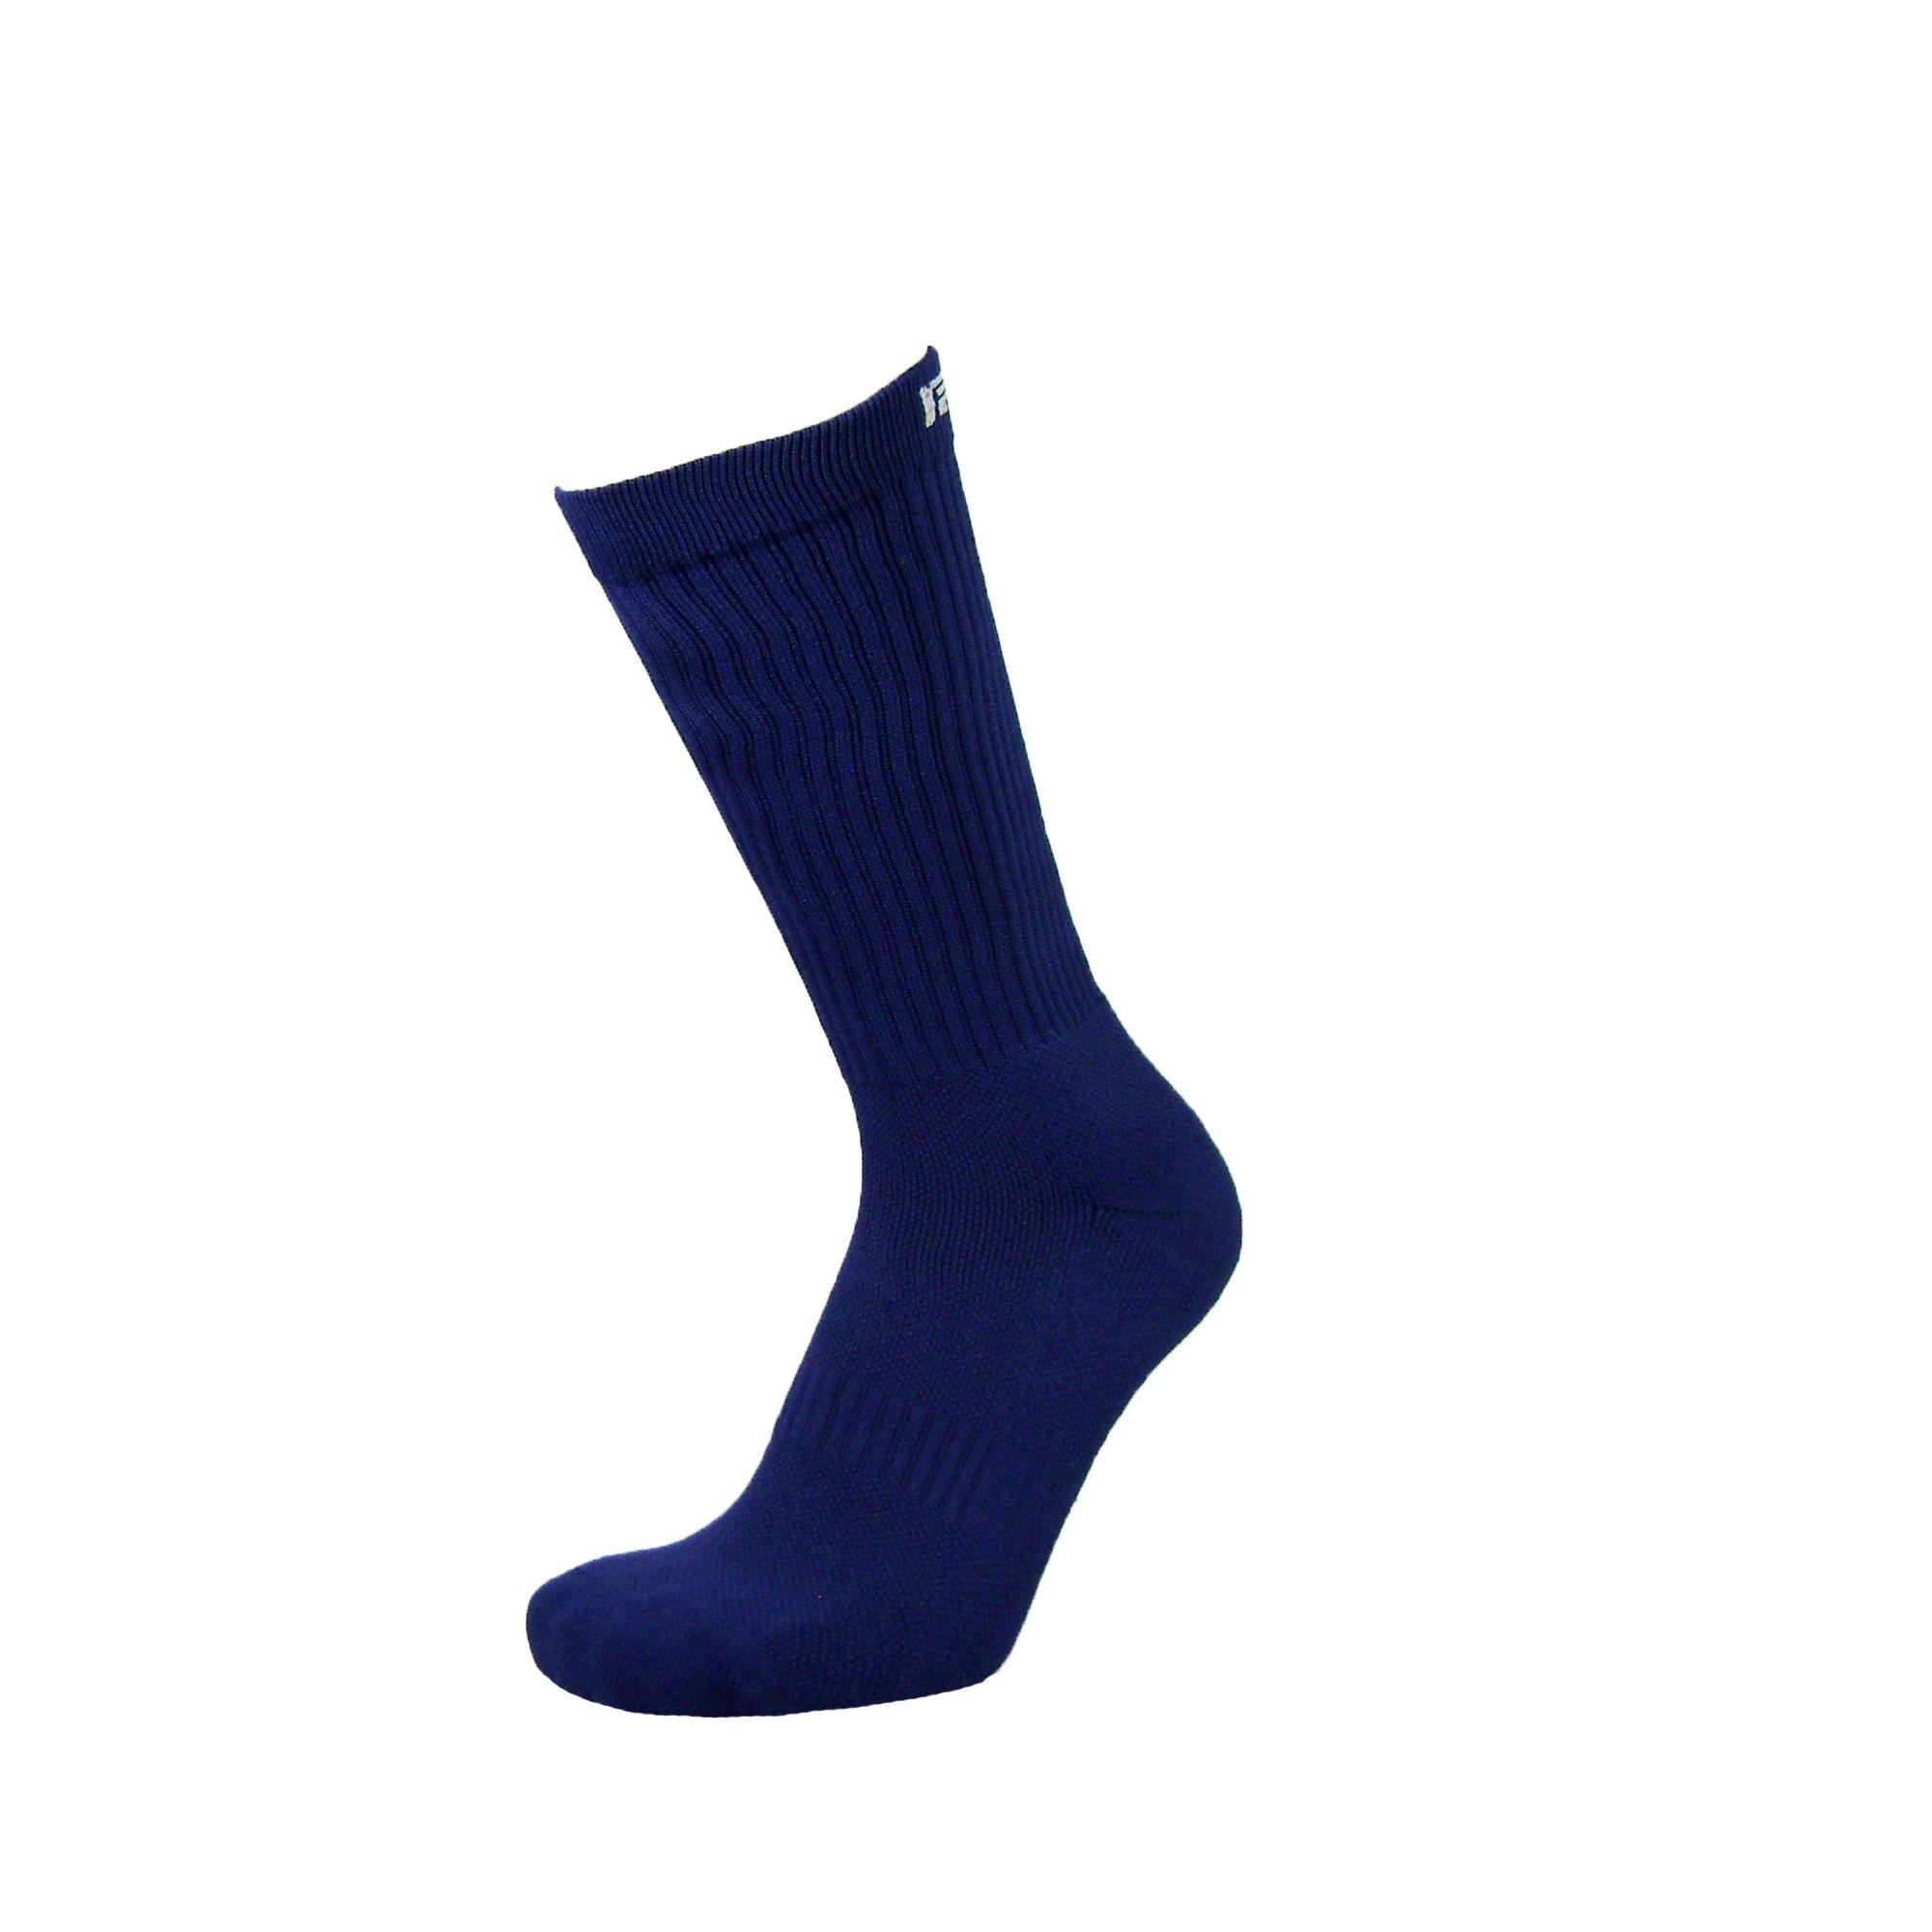 Par de meia Compressão cano médio  - Lisa Azul Marinho